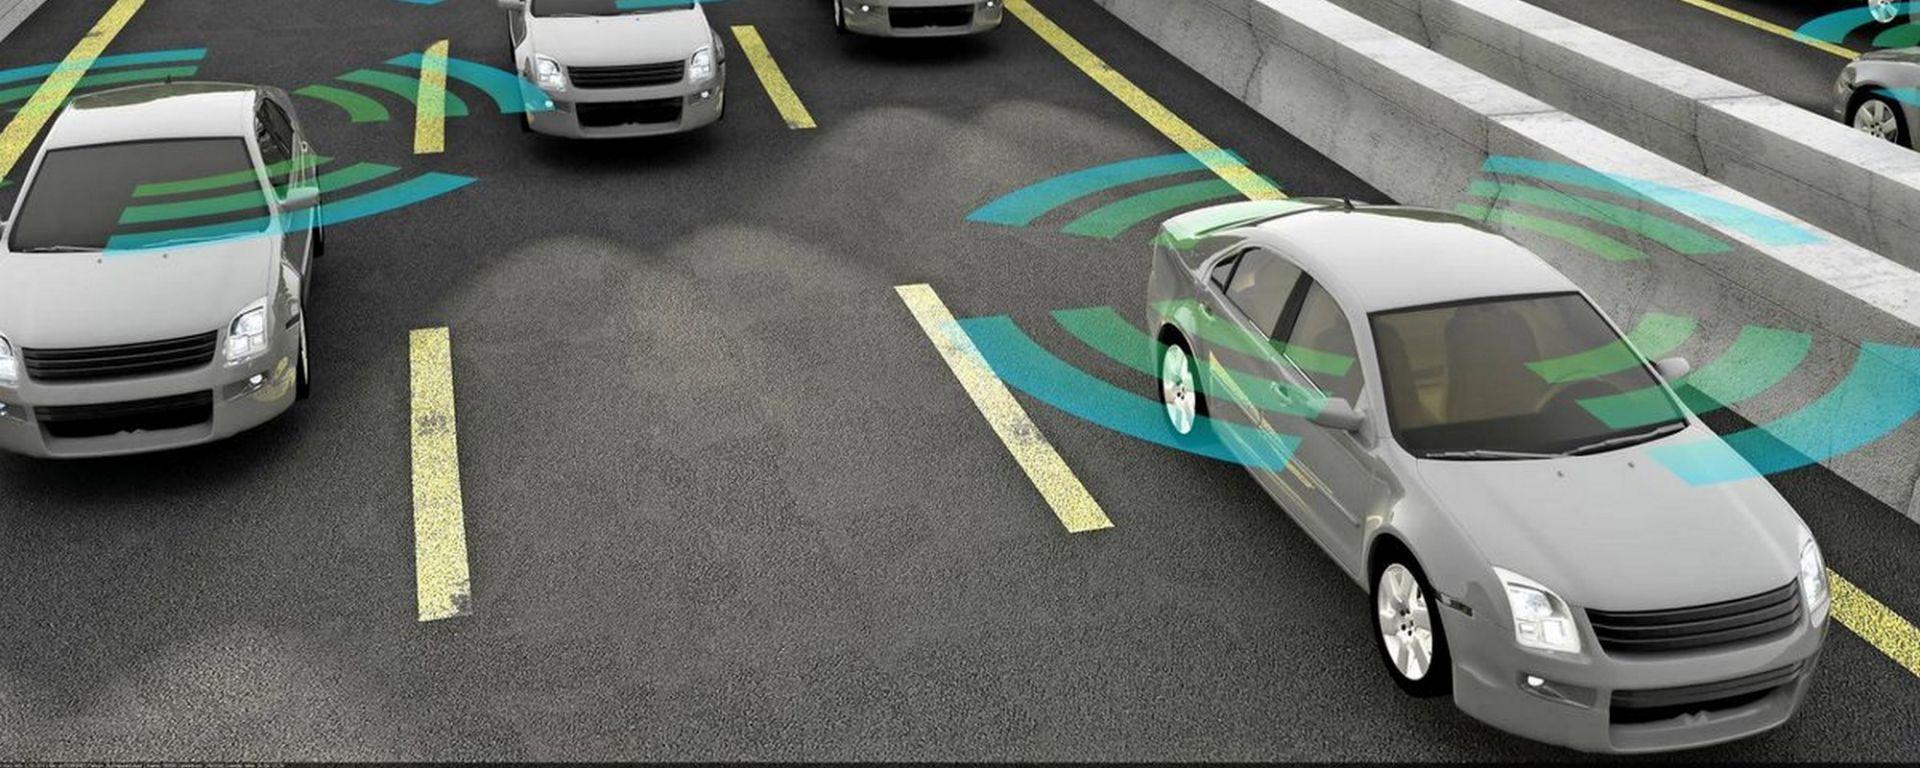 Guida autonoma, autorizzati i test anche in territorio italiano